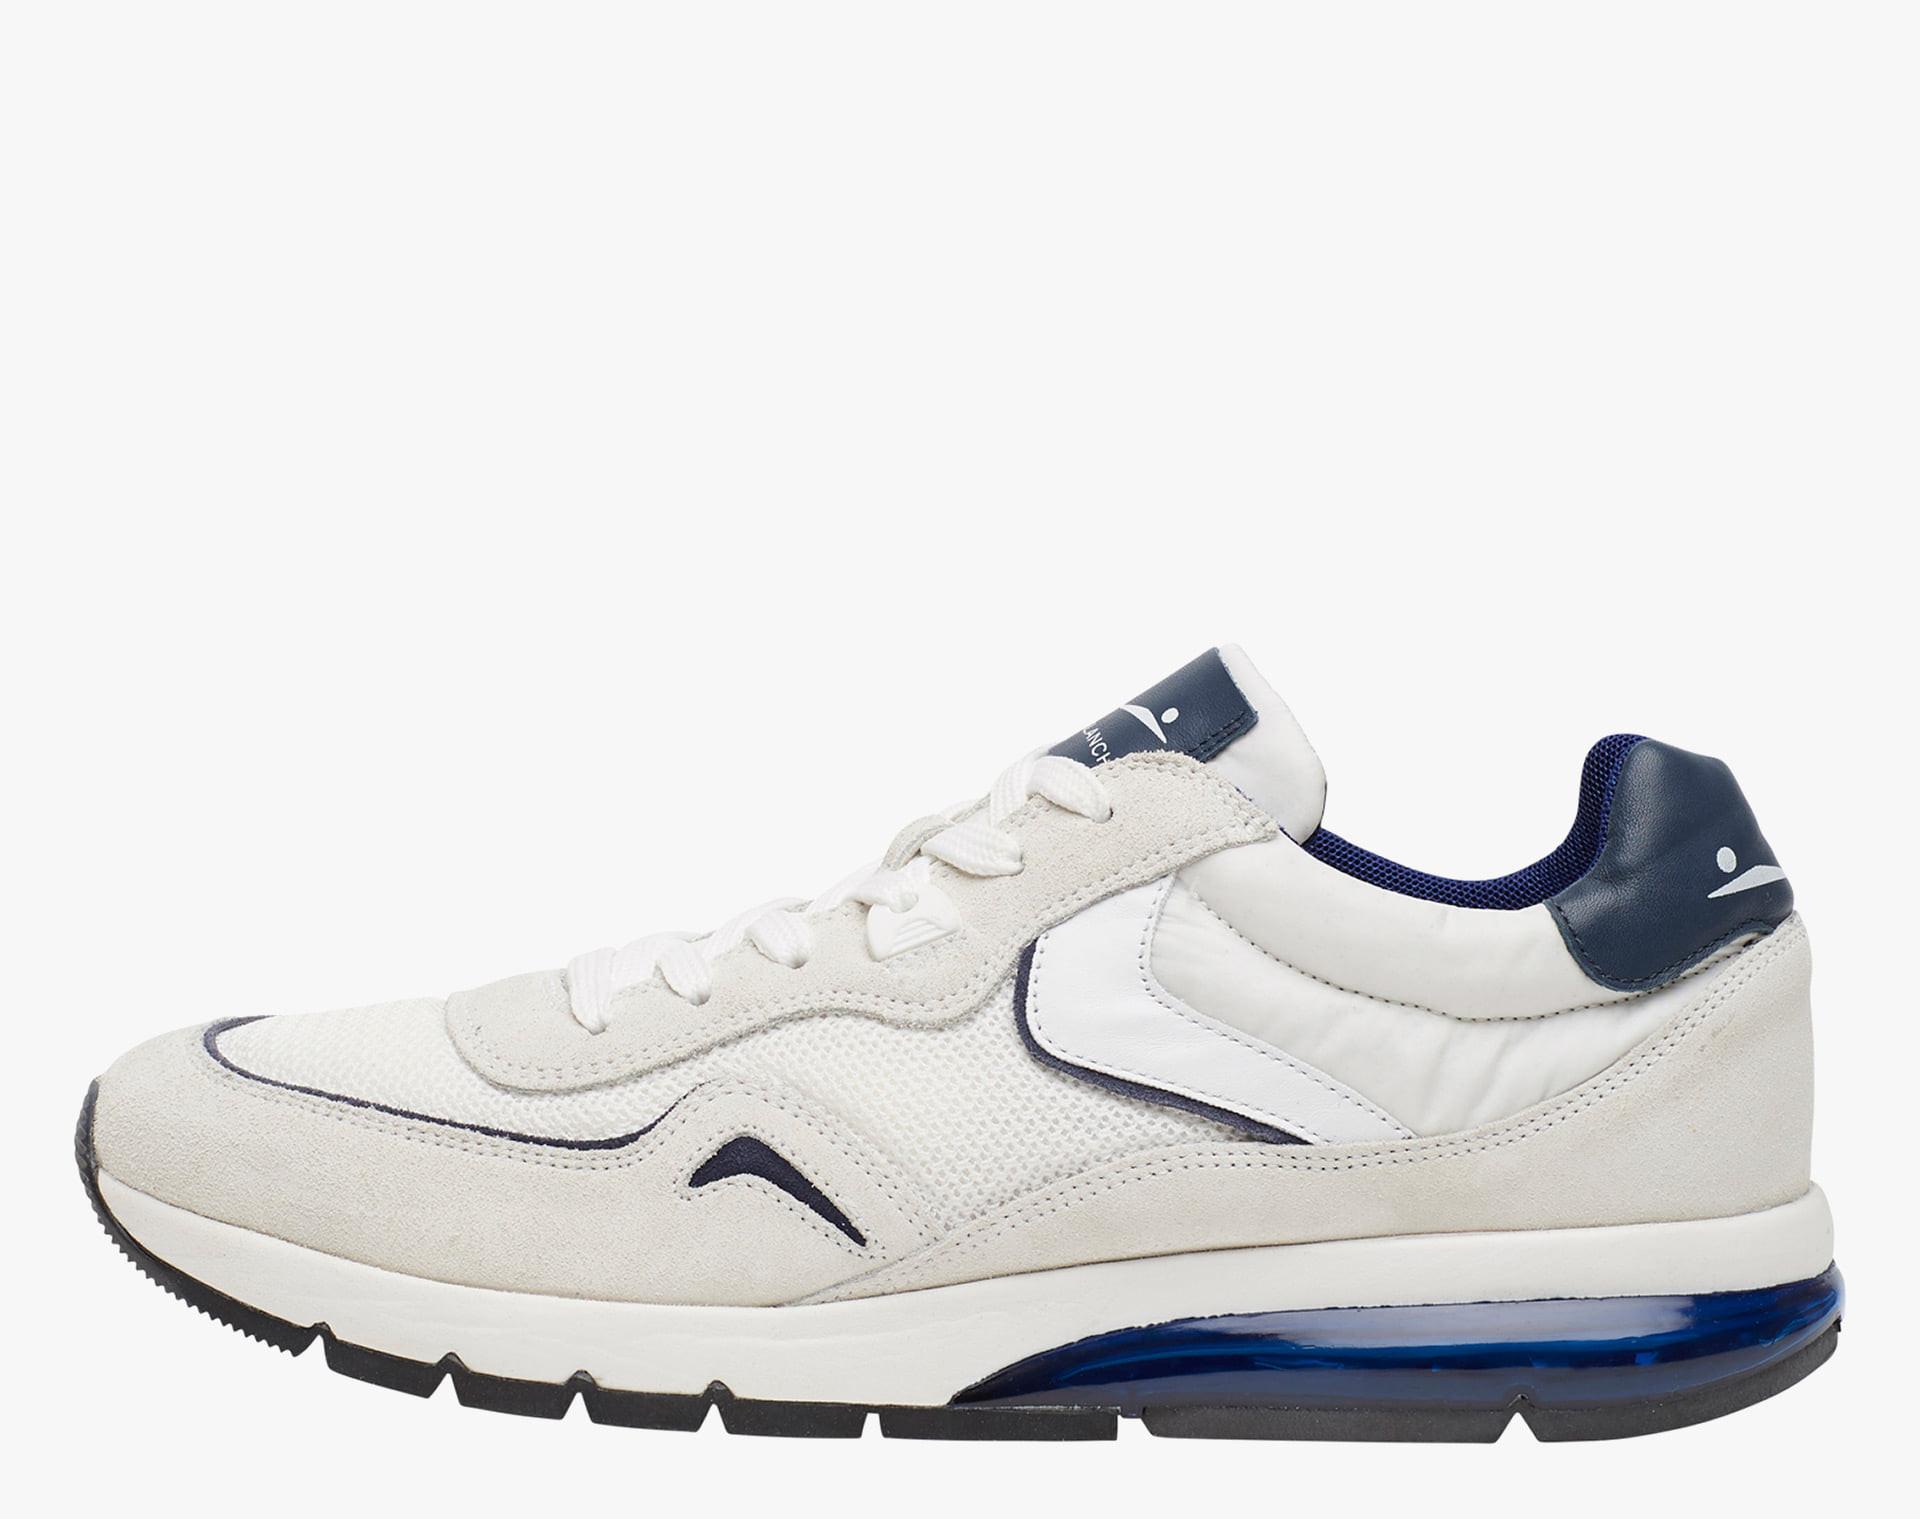 ENDAVOUR MESH - Sneaker in suede e tessuto tecnico - Bianco/Blu